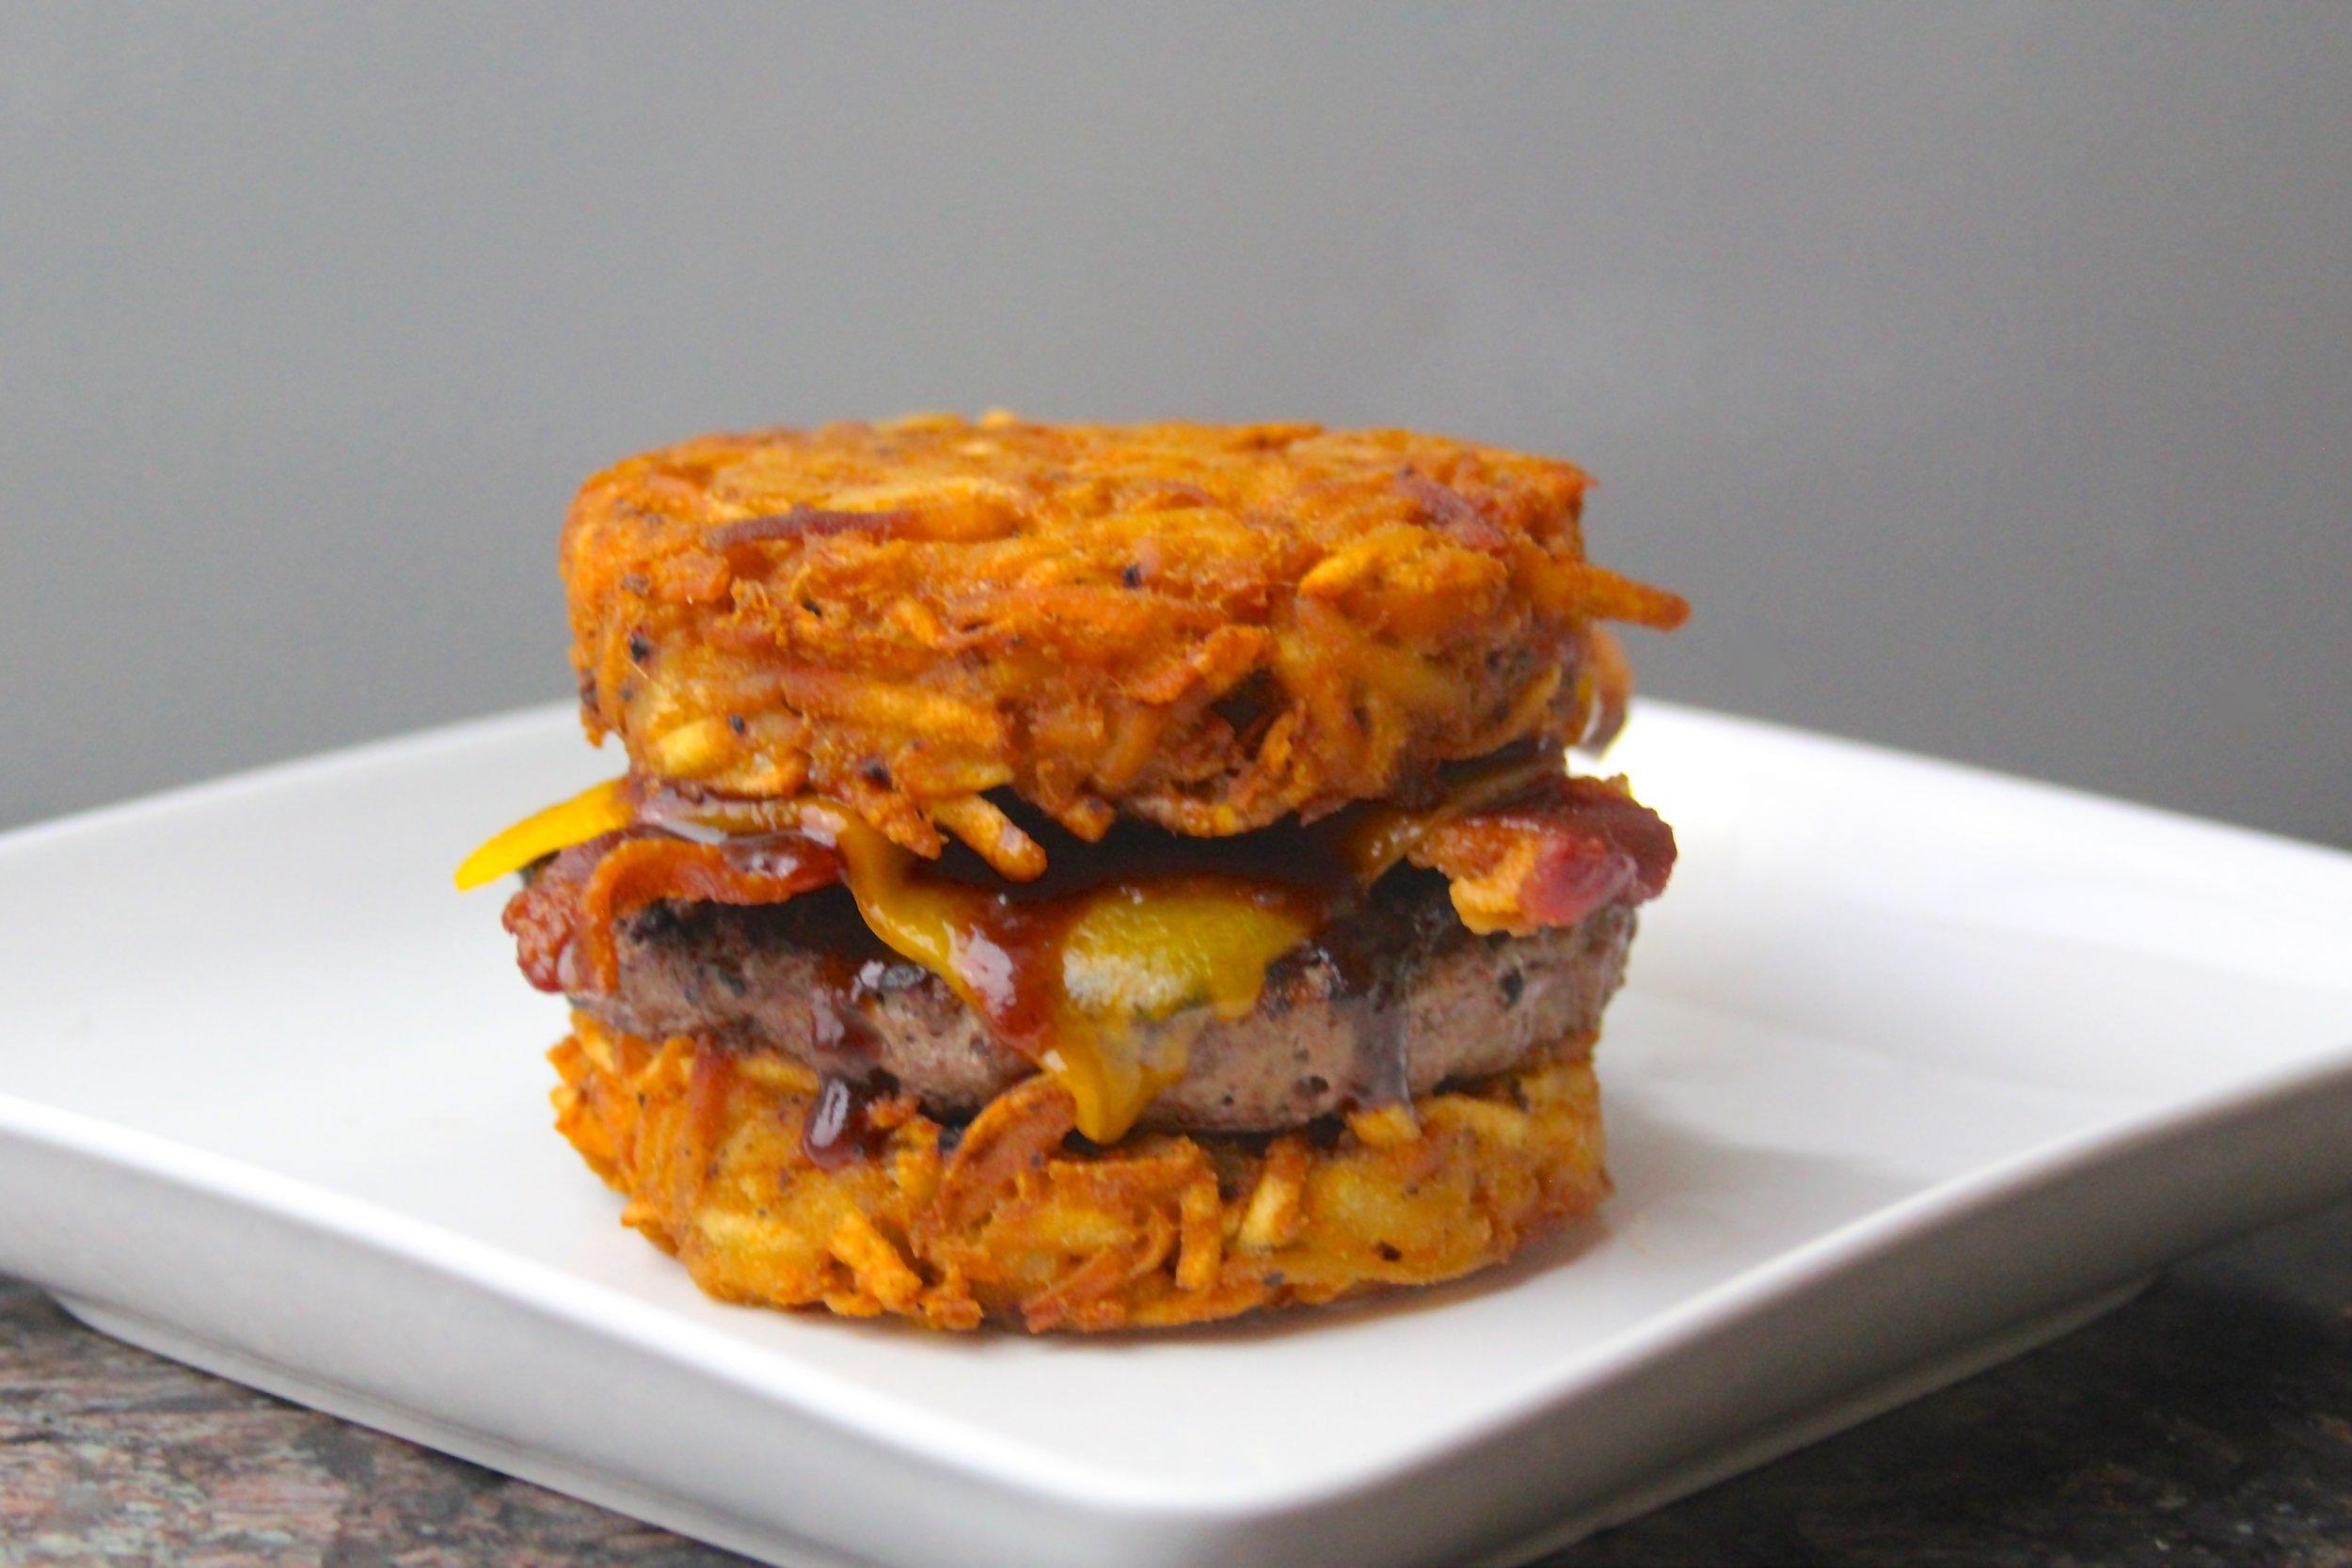 Hashbrown Bacon Cheeseburger